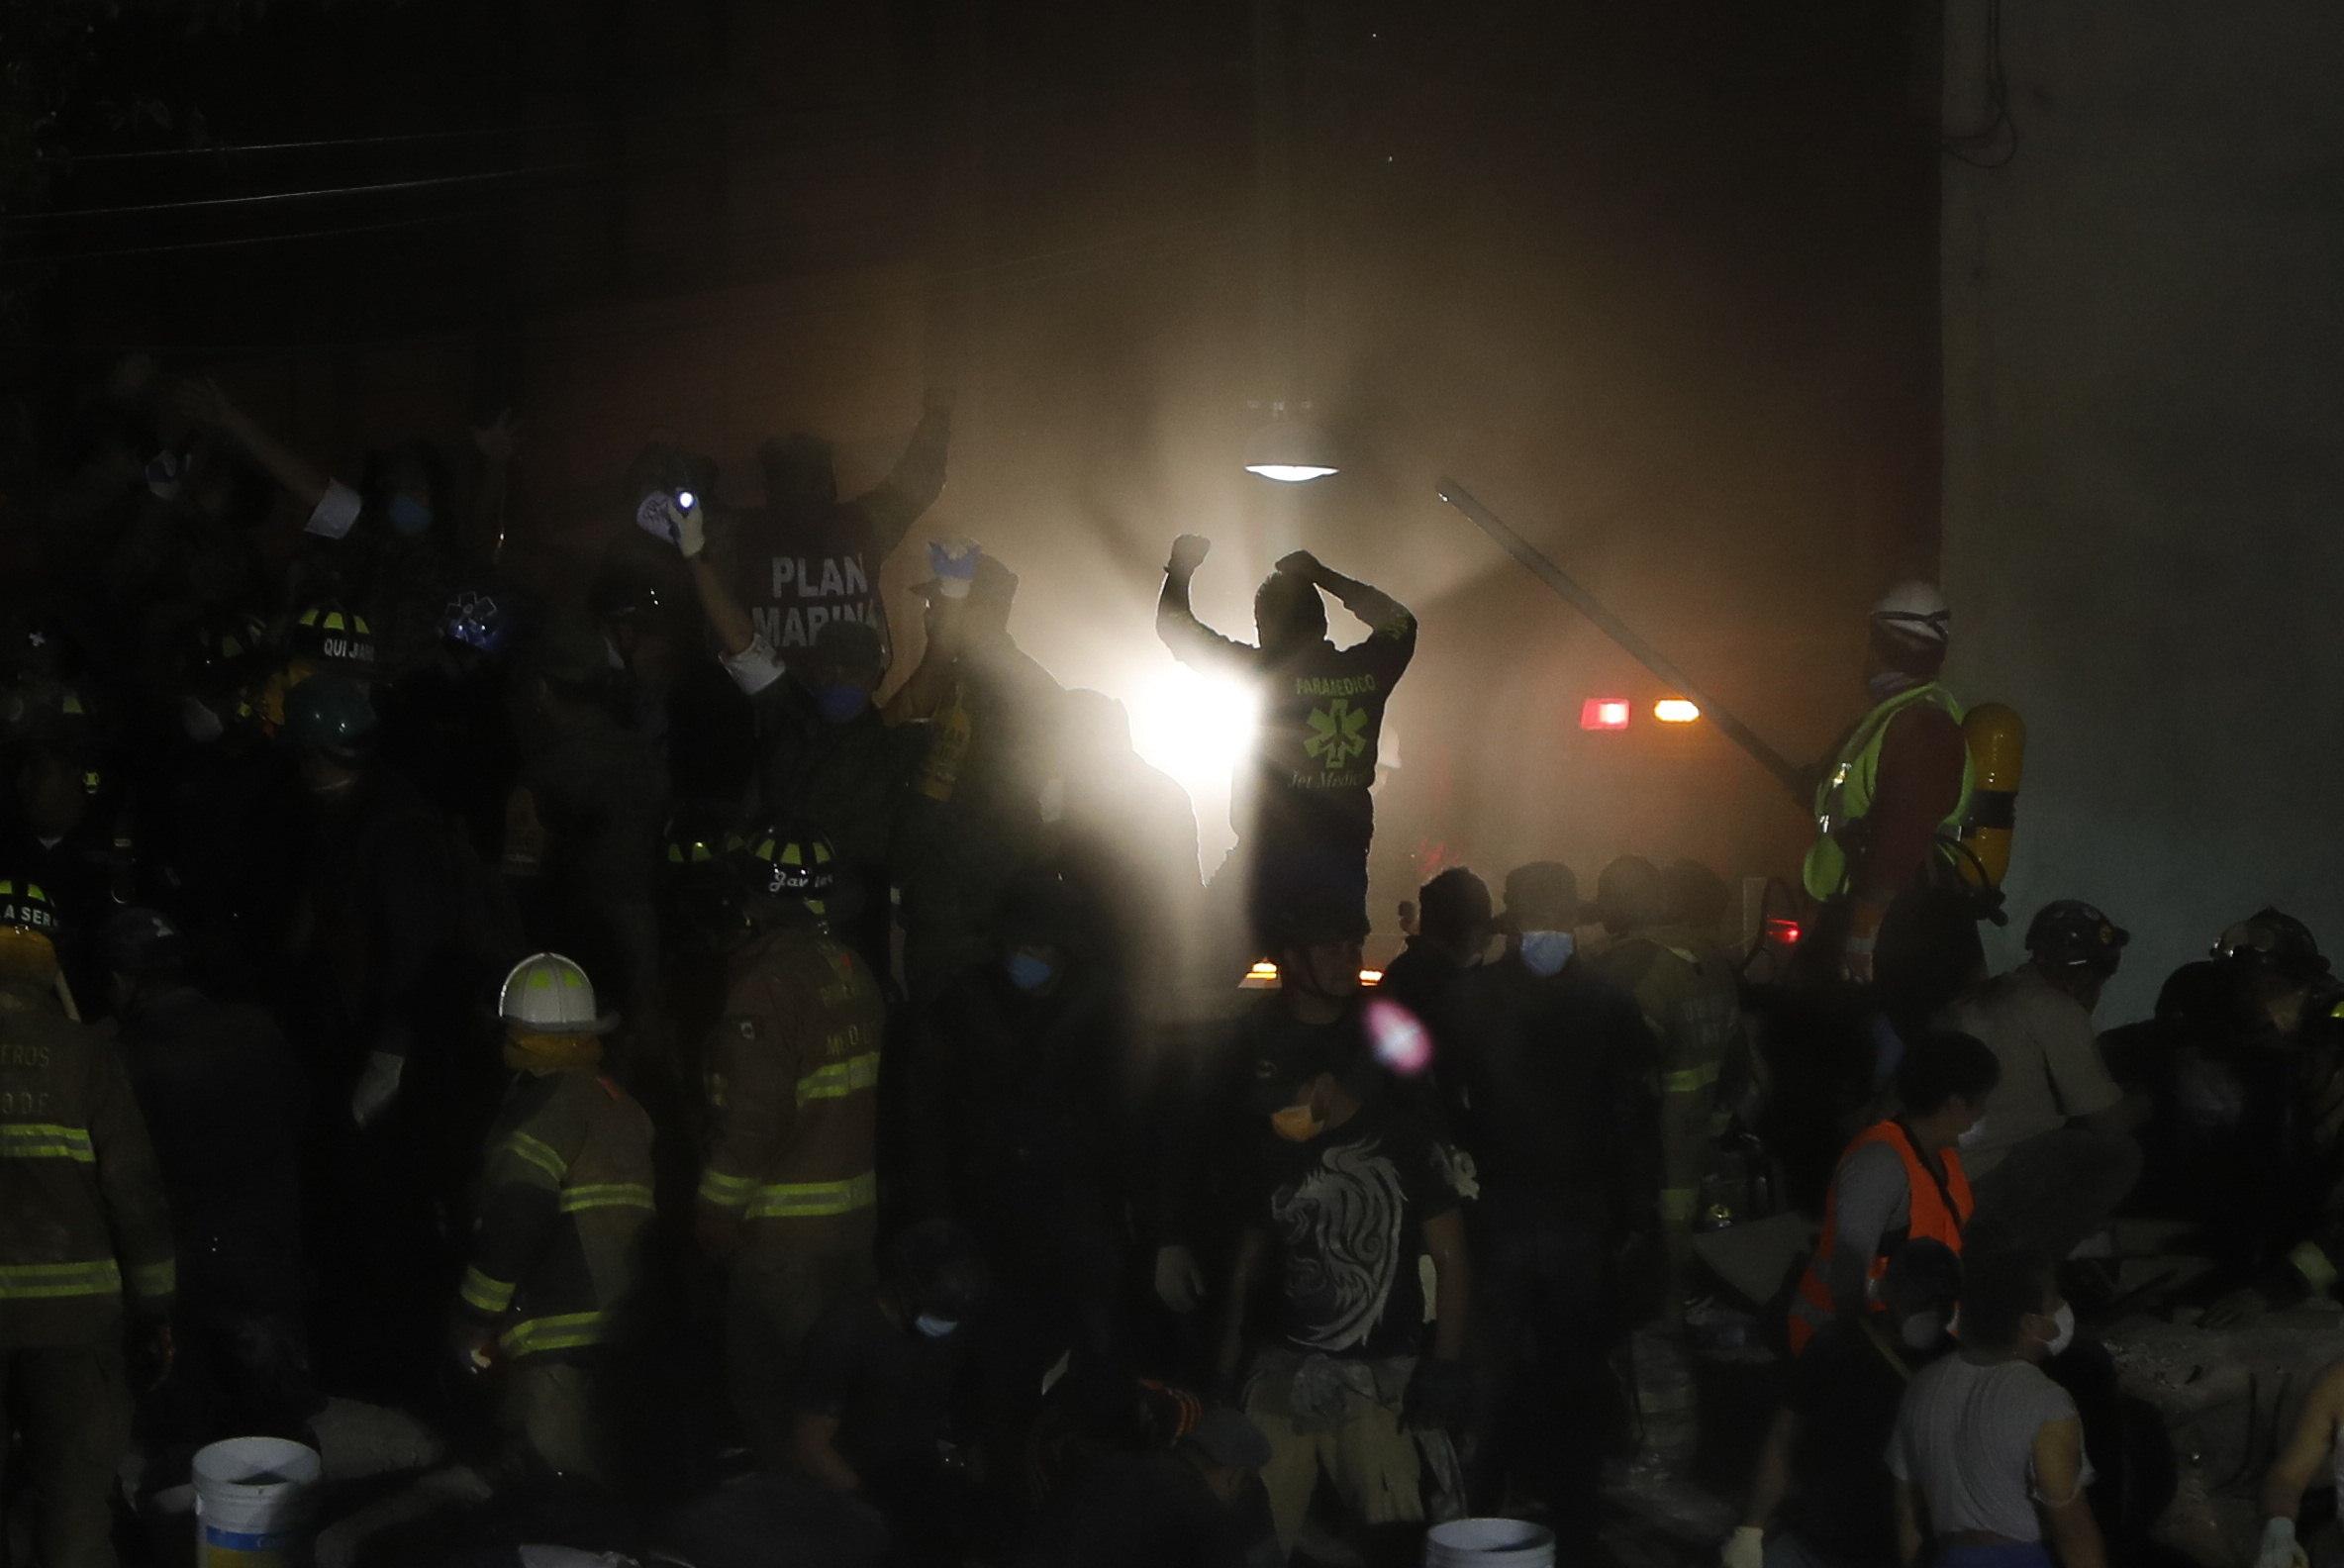 Cientos de mexicanos intentan rescatar a personas con vida de los edificios colapsados en la Ciudad de México tras un sismo de magnitud 7,1 en la escala de Richter, que sacudió fuertemente la capital mexicana (EFE)